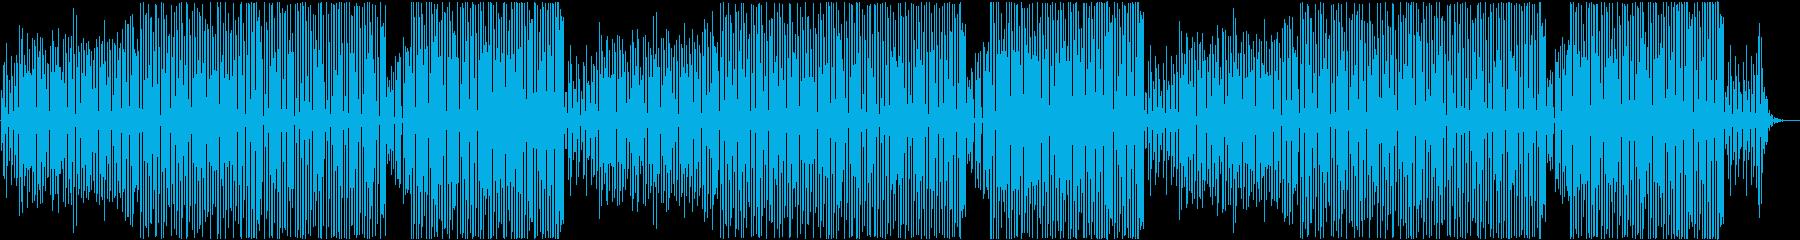 ほのぼのとした雰囲気のマーチの再生済みの波形